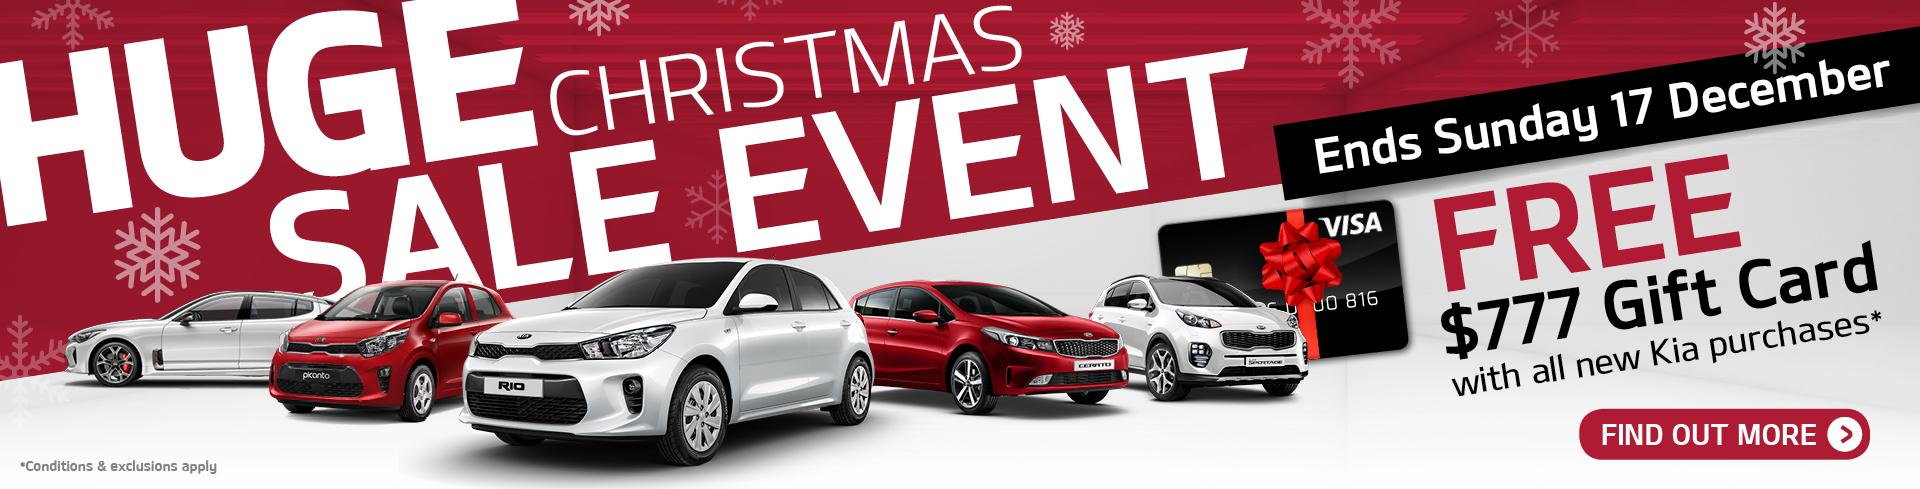 Peter Warren Kia Huge Christmas Sale Event